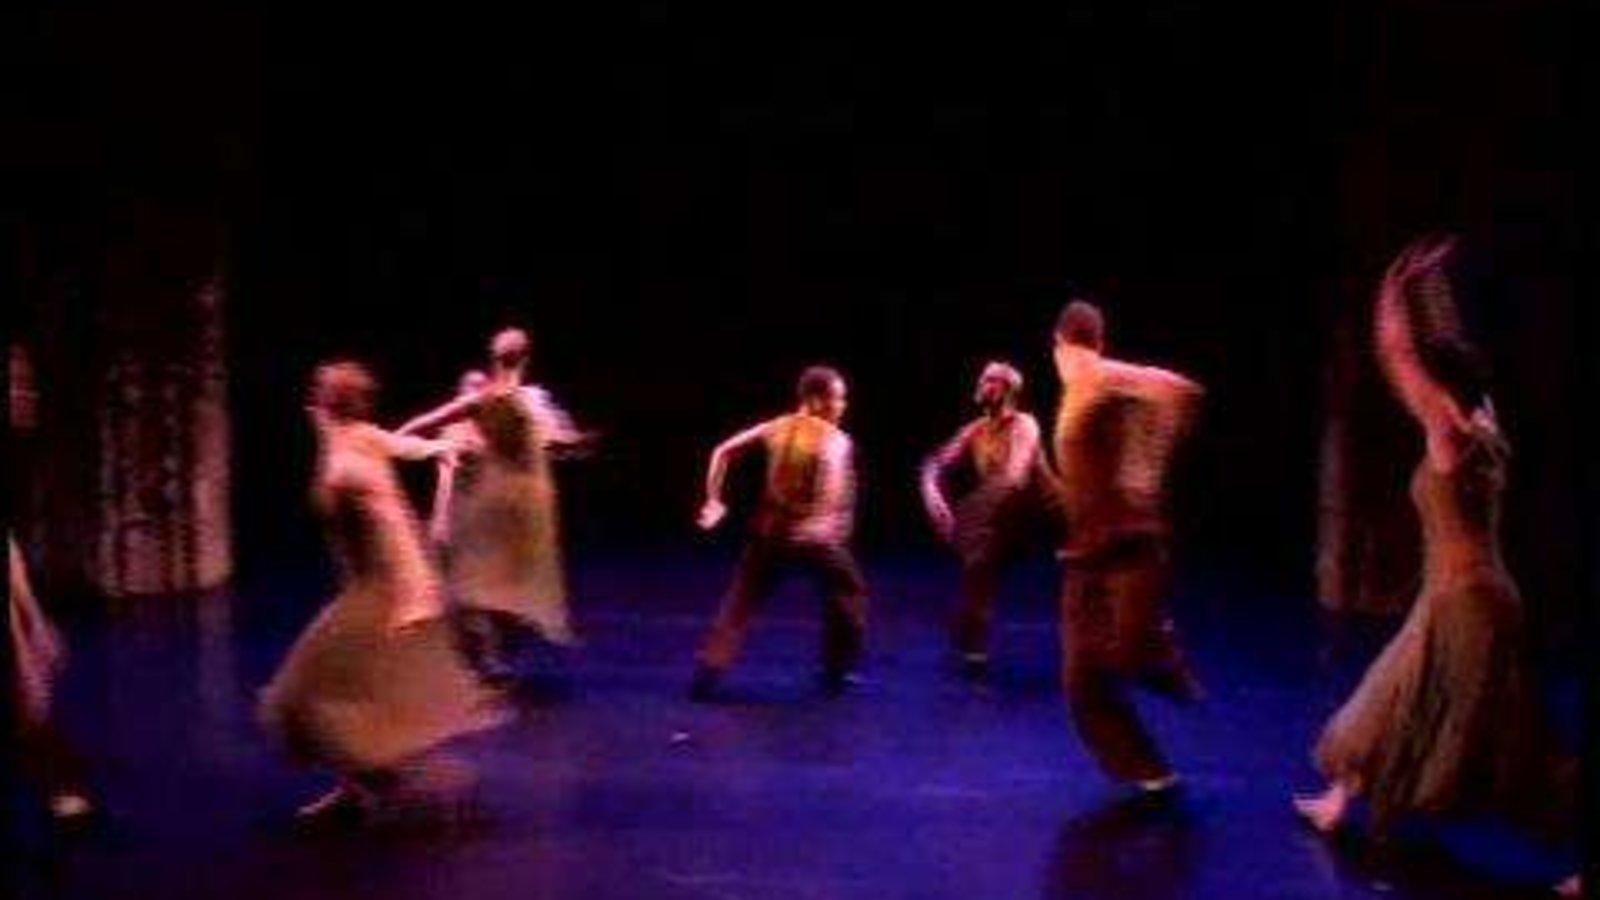 Jazzdance by Danny Buraczeski